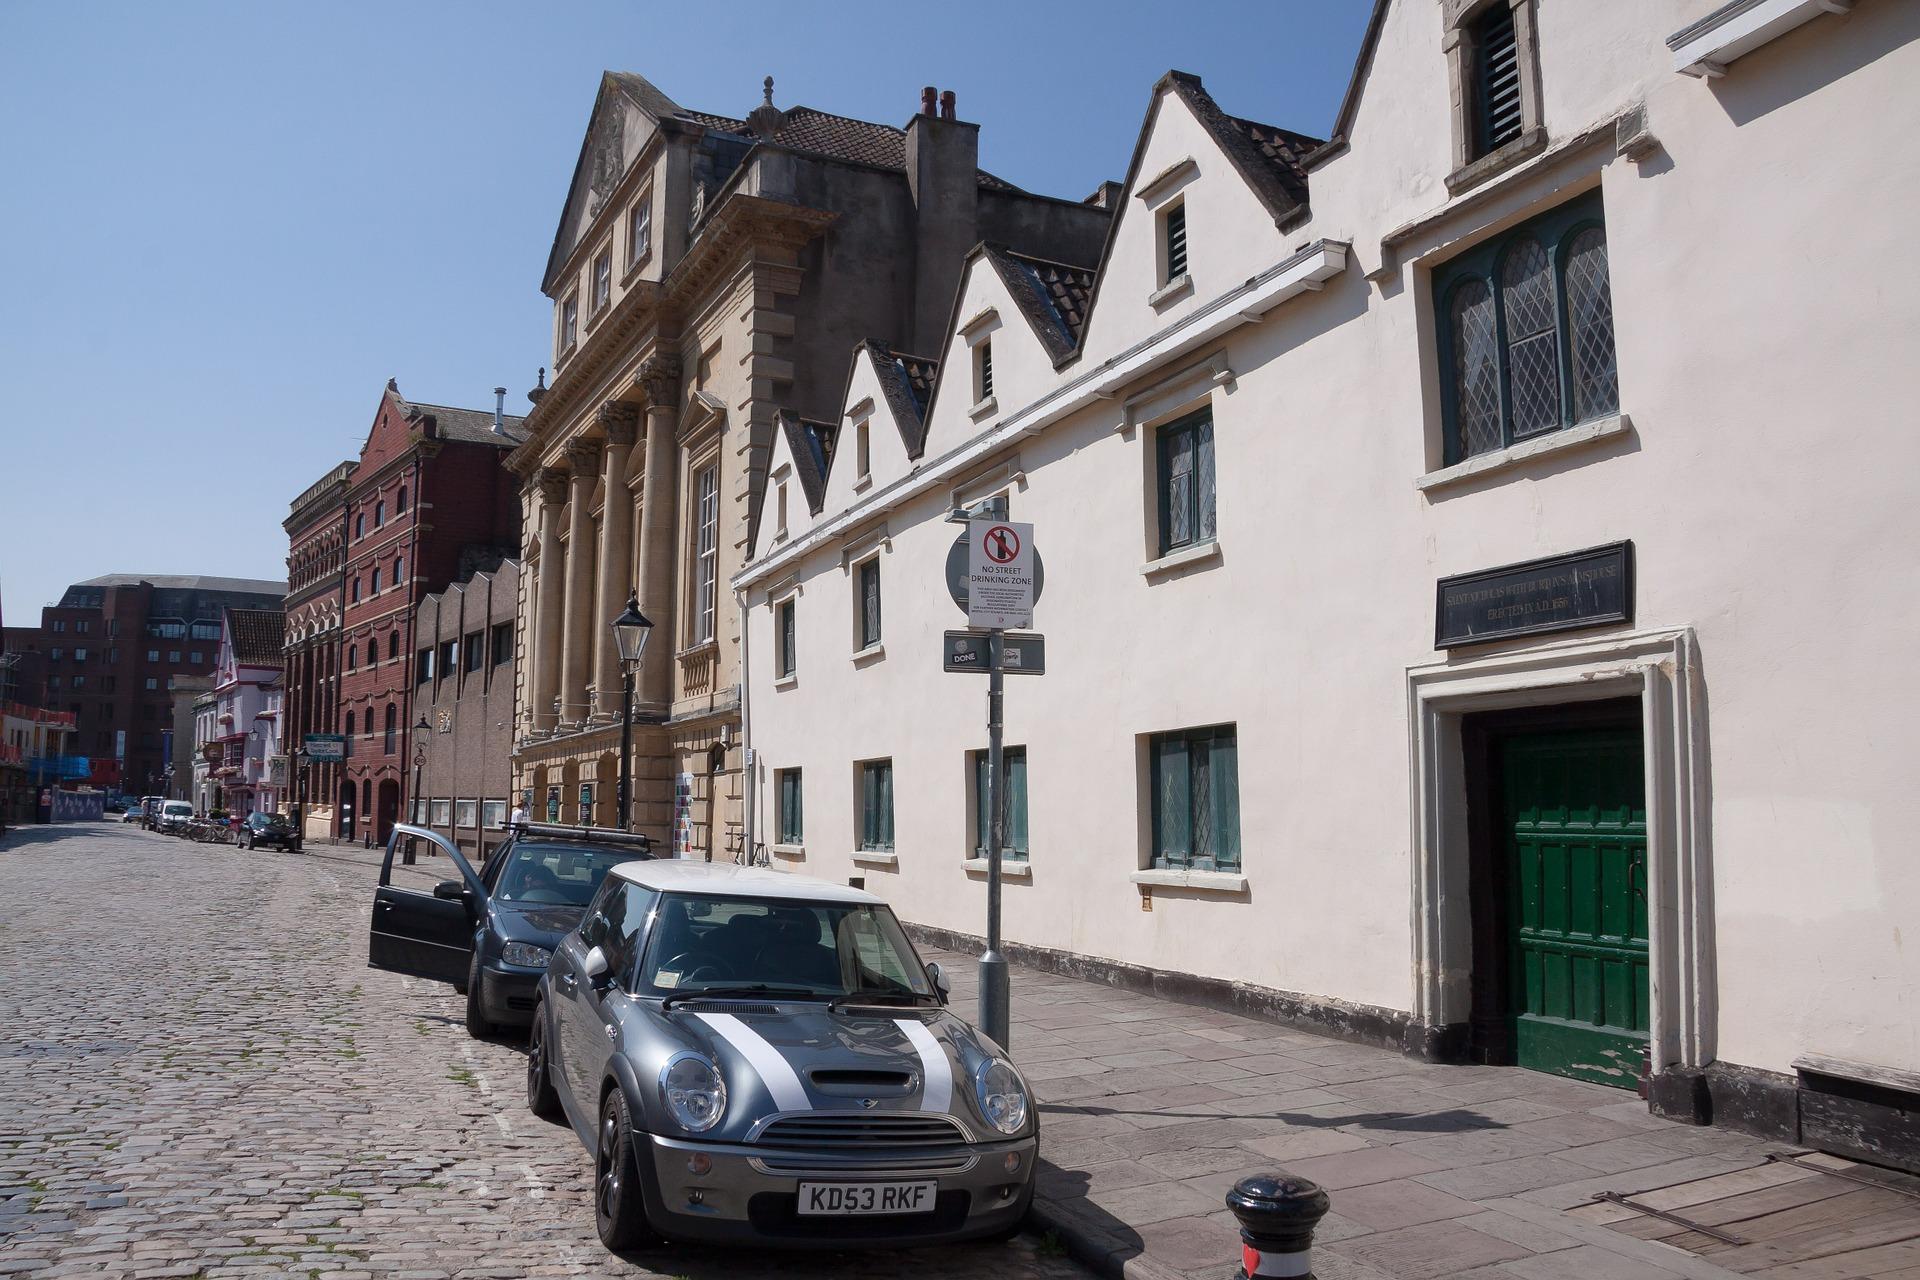 Bristol, Architecture, Auto, Automobile, Building, HQ Photo